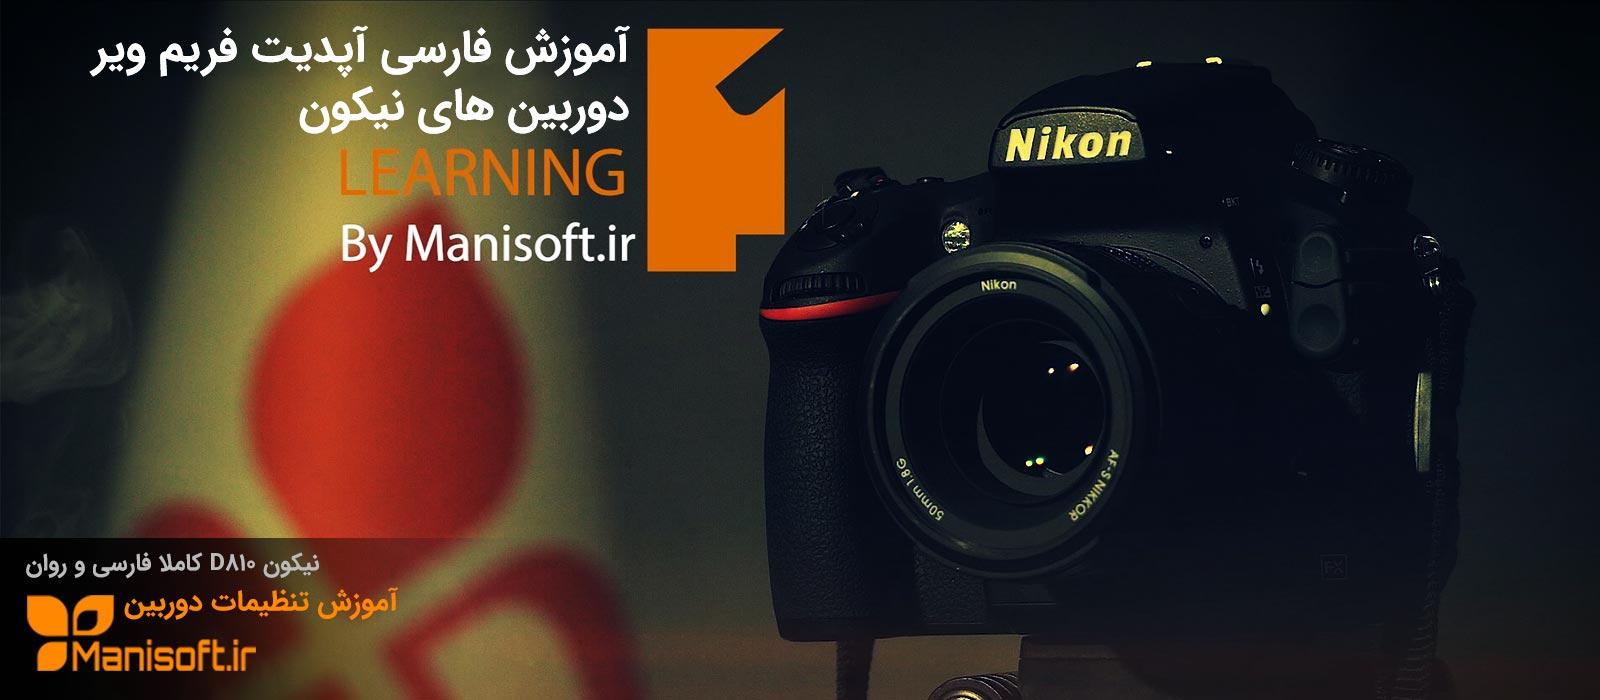 آموزش فارسی آپدیت فریم ویر Firmware دوربین های نیکون